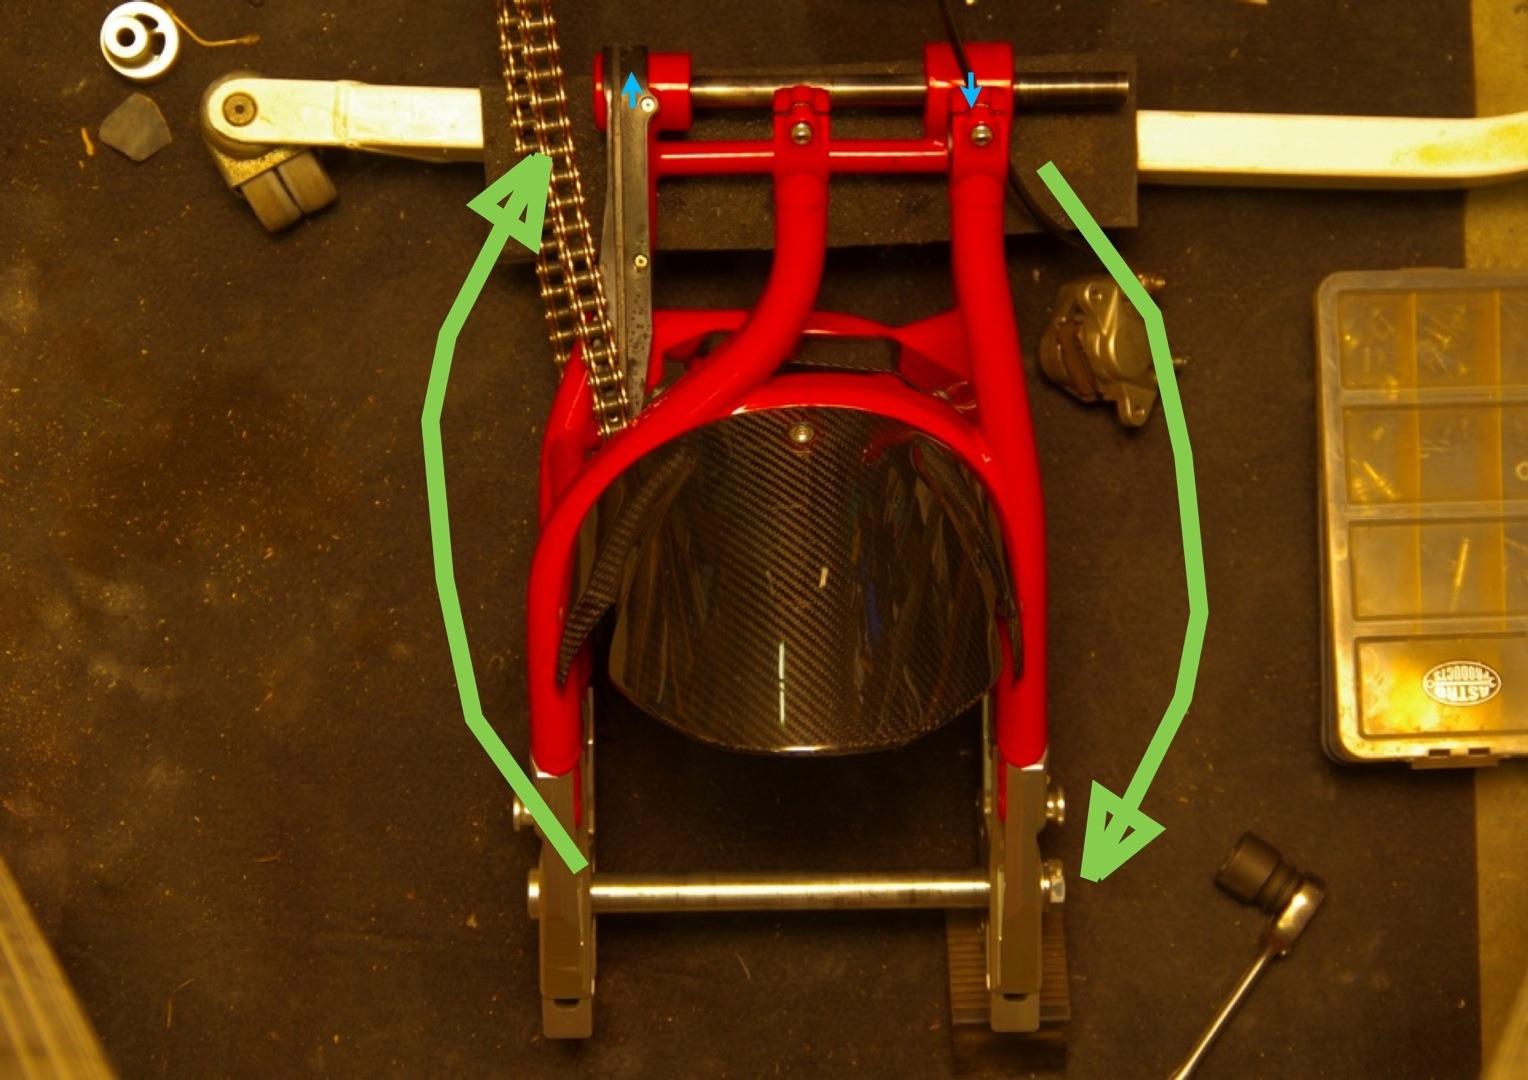 【DB7】スイングアームピボットがズレてる件_e0159646_2595740.jpg